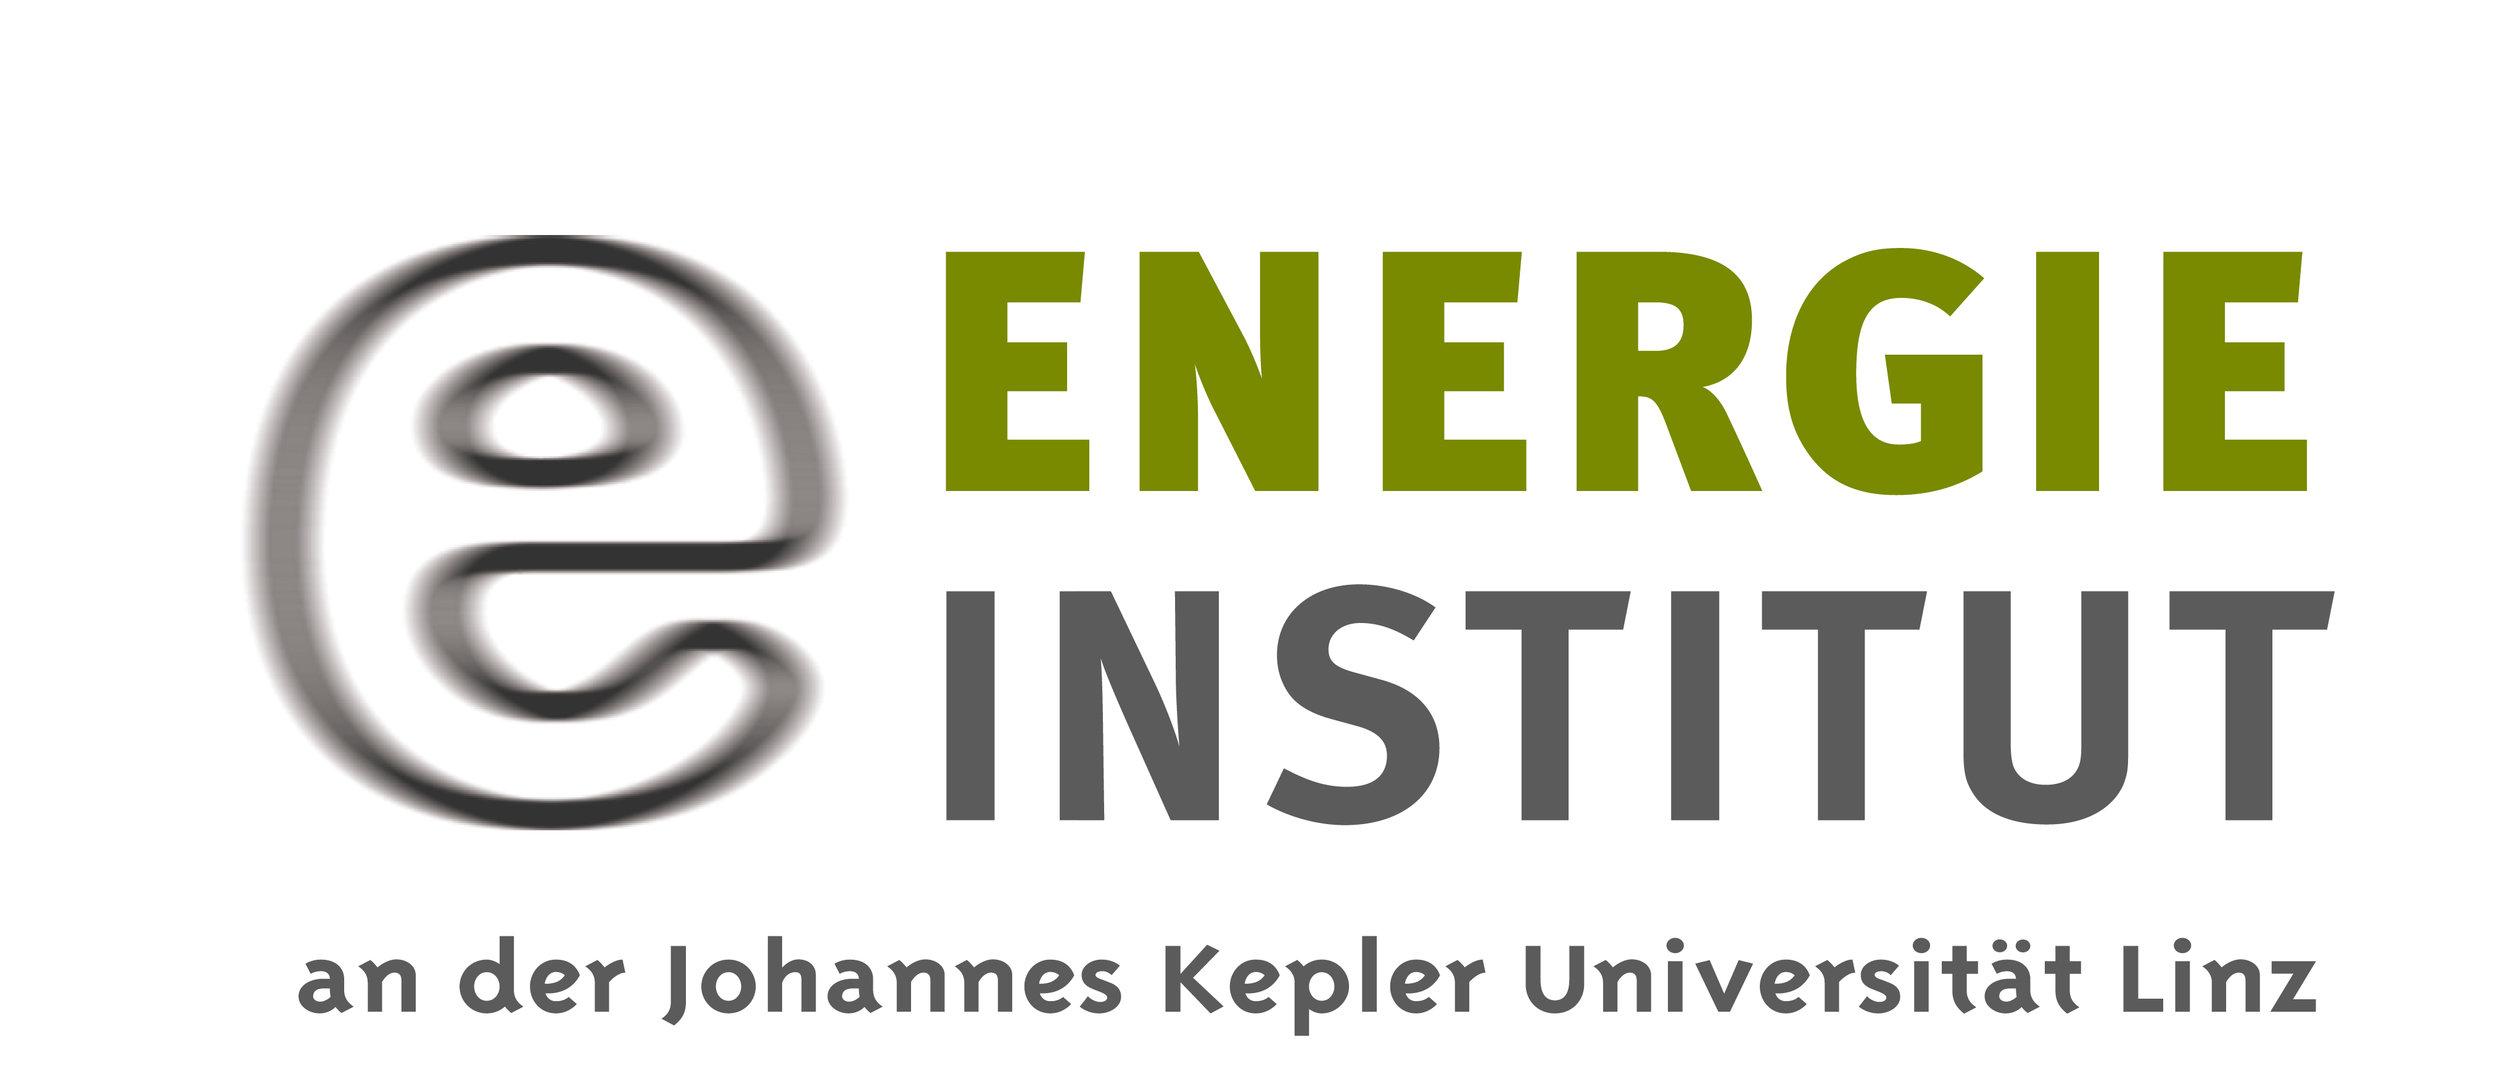 Logo_Energieinstitut.jpg